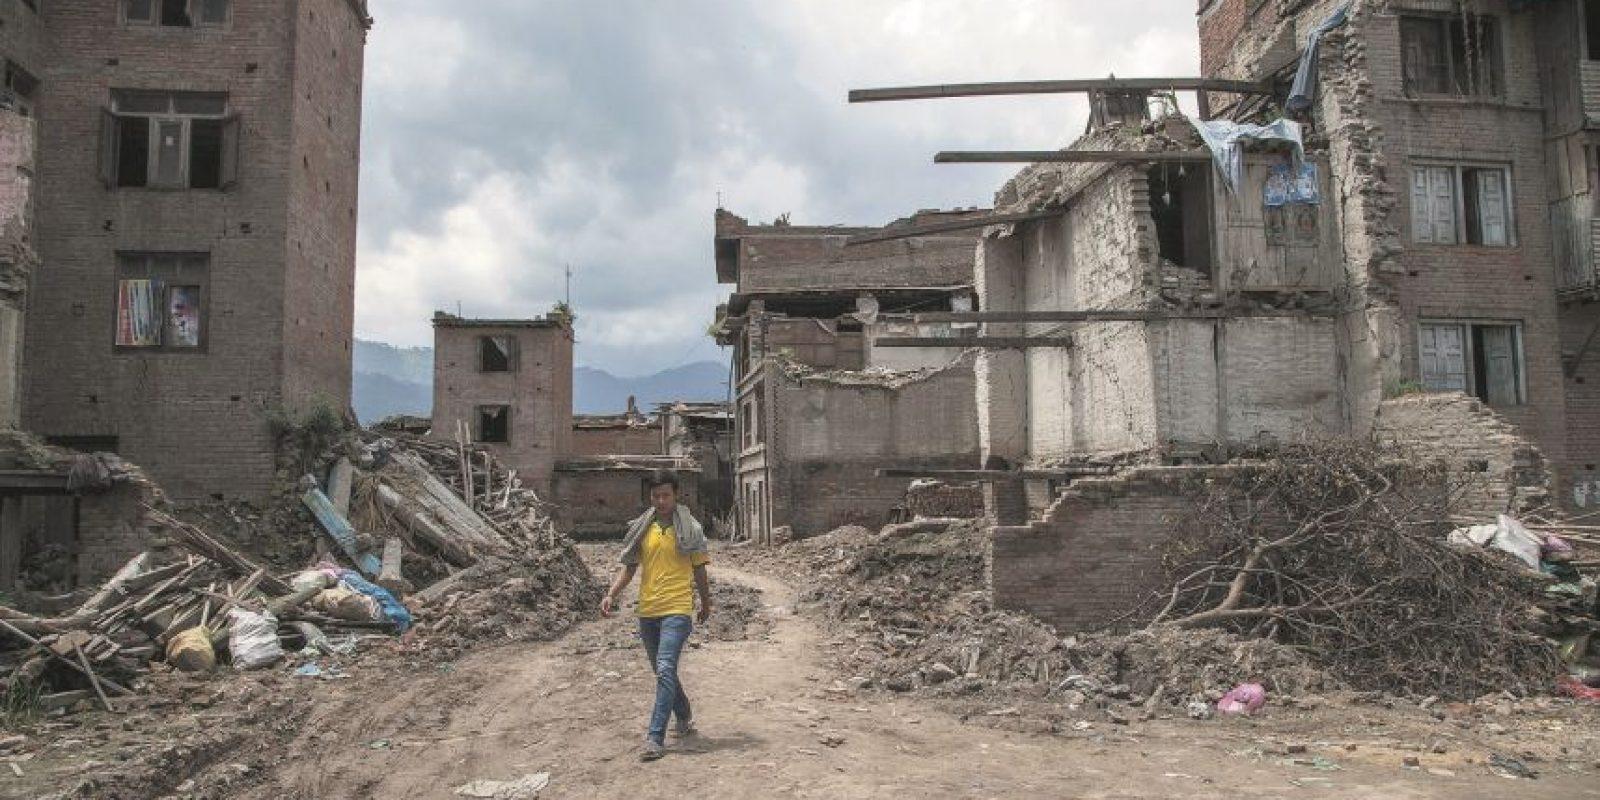 4. Terremoto de Nepal. Devastación y decenas de muertos. Un sismo de 7.3 grados de magnitud y sus 17 réplicas mataron a más de 9,000 personas e hirieron a más de 23,000 en abril. El temblor afectó a Nepal, India, China y Bangladesh. Cientos de miles de personas se quedaron sin hogar, con pueblos enteros en el suelo. El terremoto también provocó una avalancha en el monte Everest, matando al menos a 19 personas y haciendo del 25 de abril el día más mortífero en la historia de la montaña. Foto:Fuente Externa